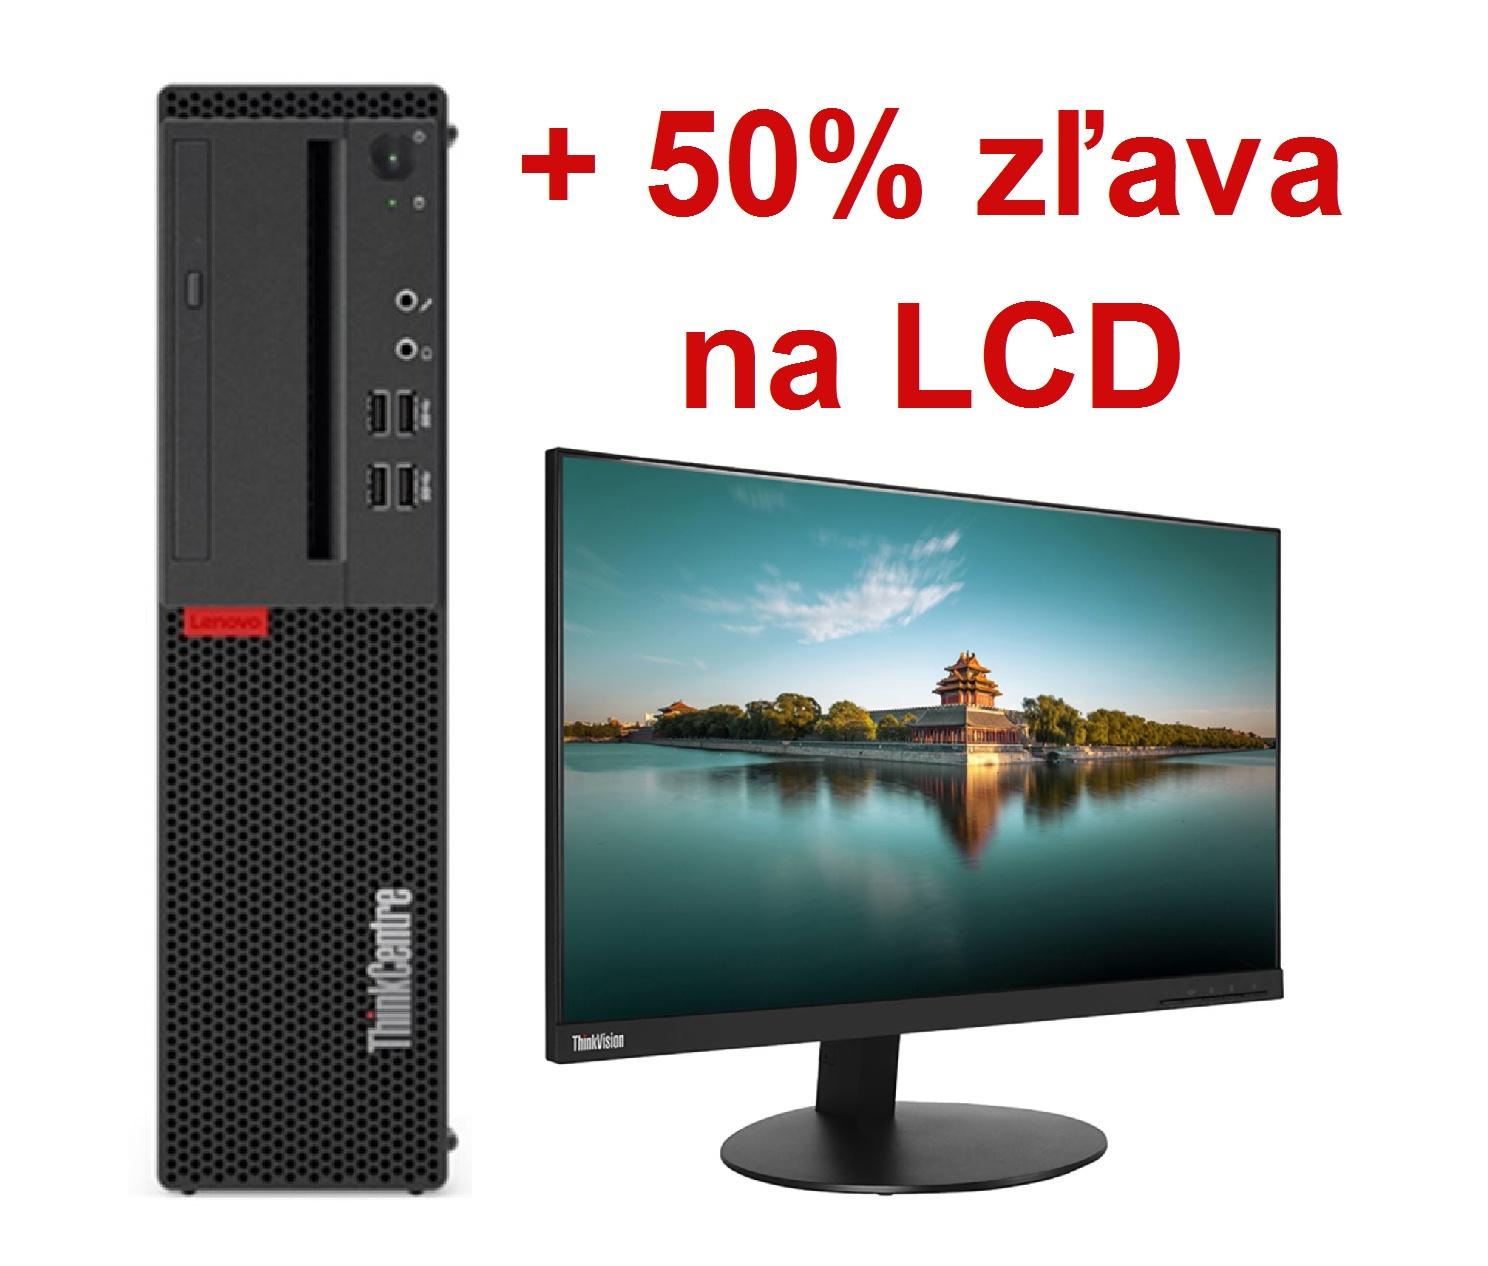 TC M710s SFF i5-7400/4G/256SSD/INT/DVD/W10Pro